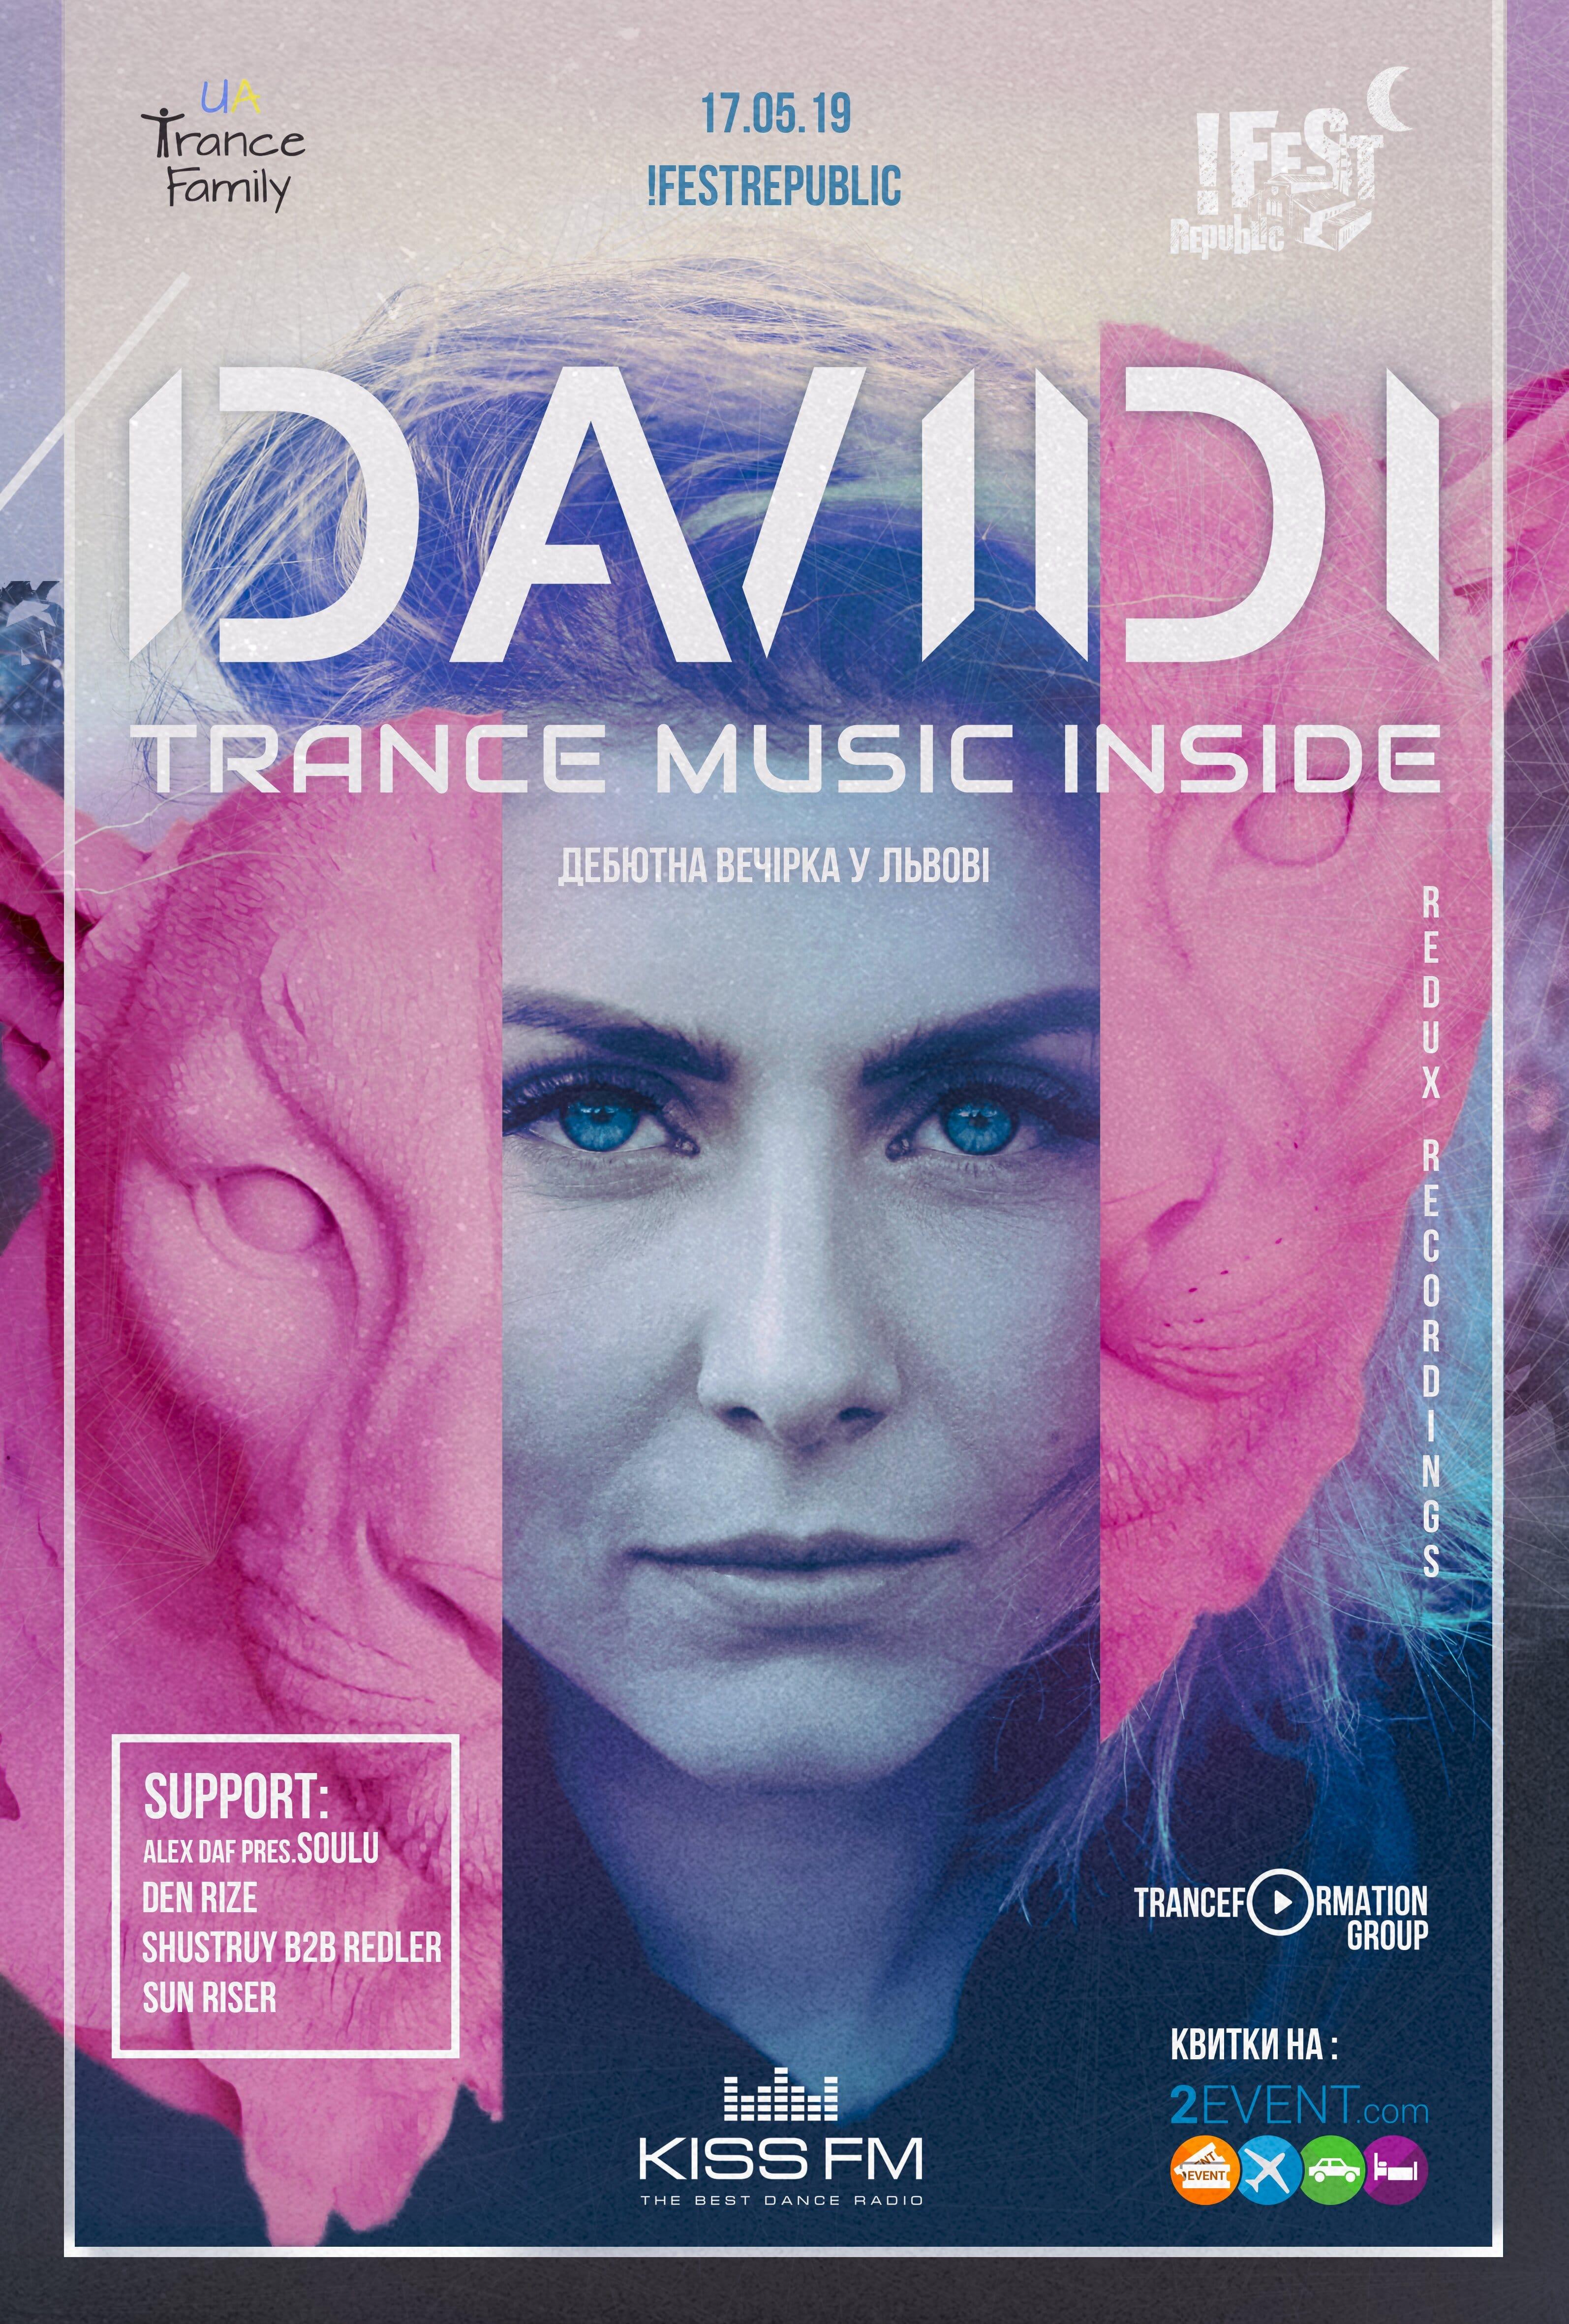 Придбати квитки на DAVIDI: